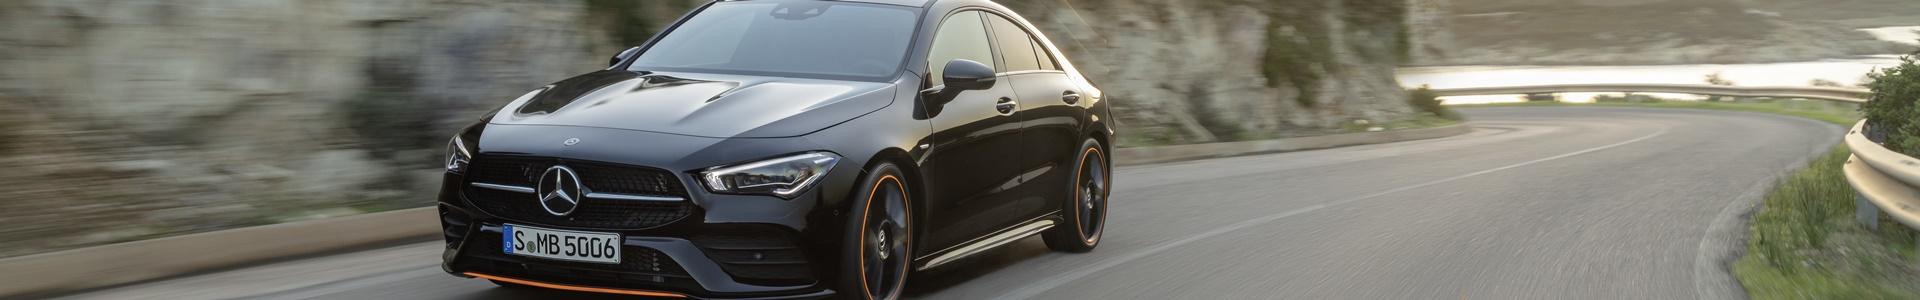 Mercedes-Benz CLA Coupe - auf der Straße